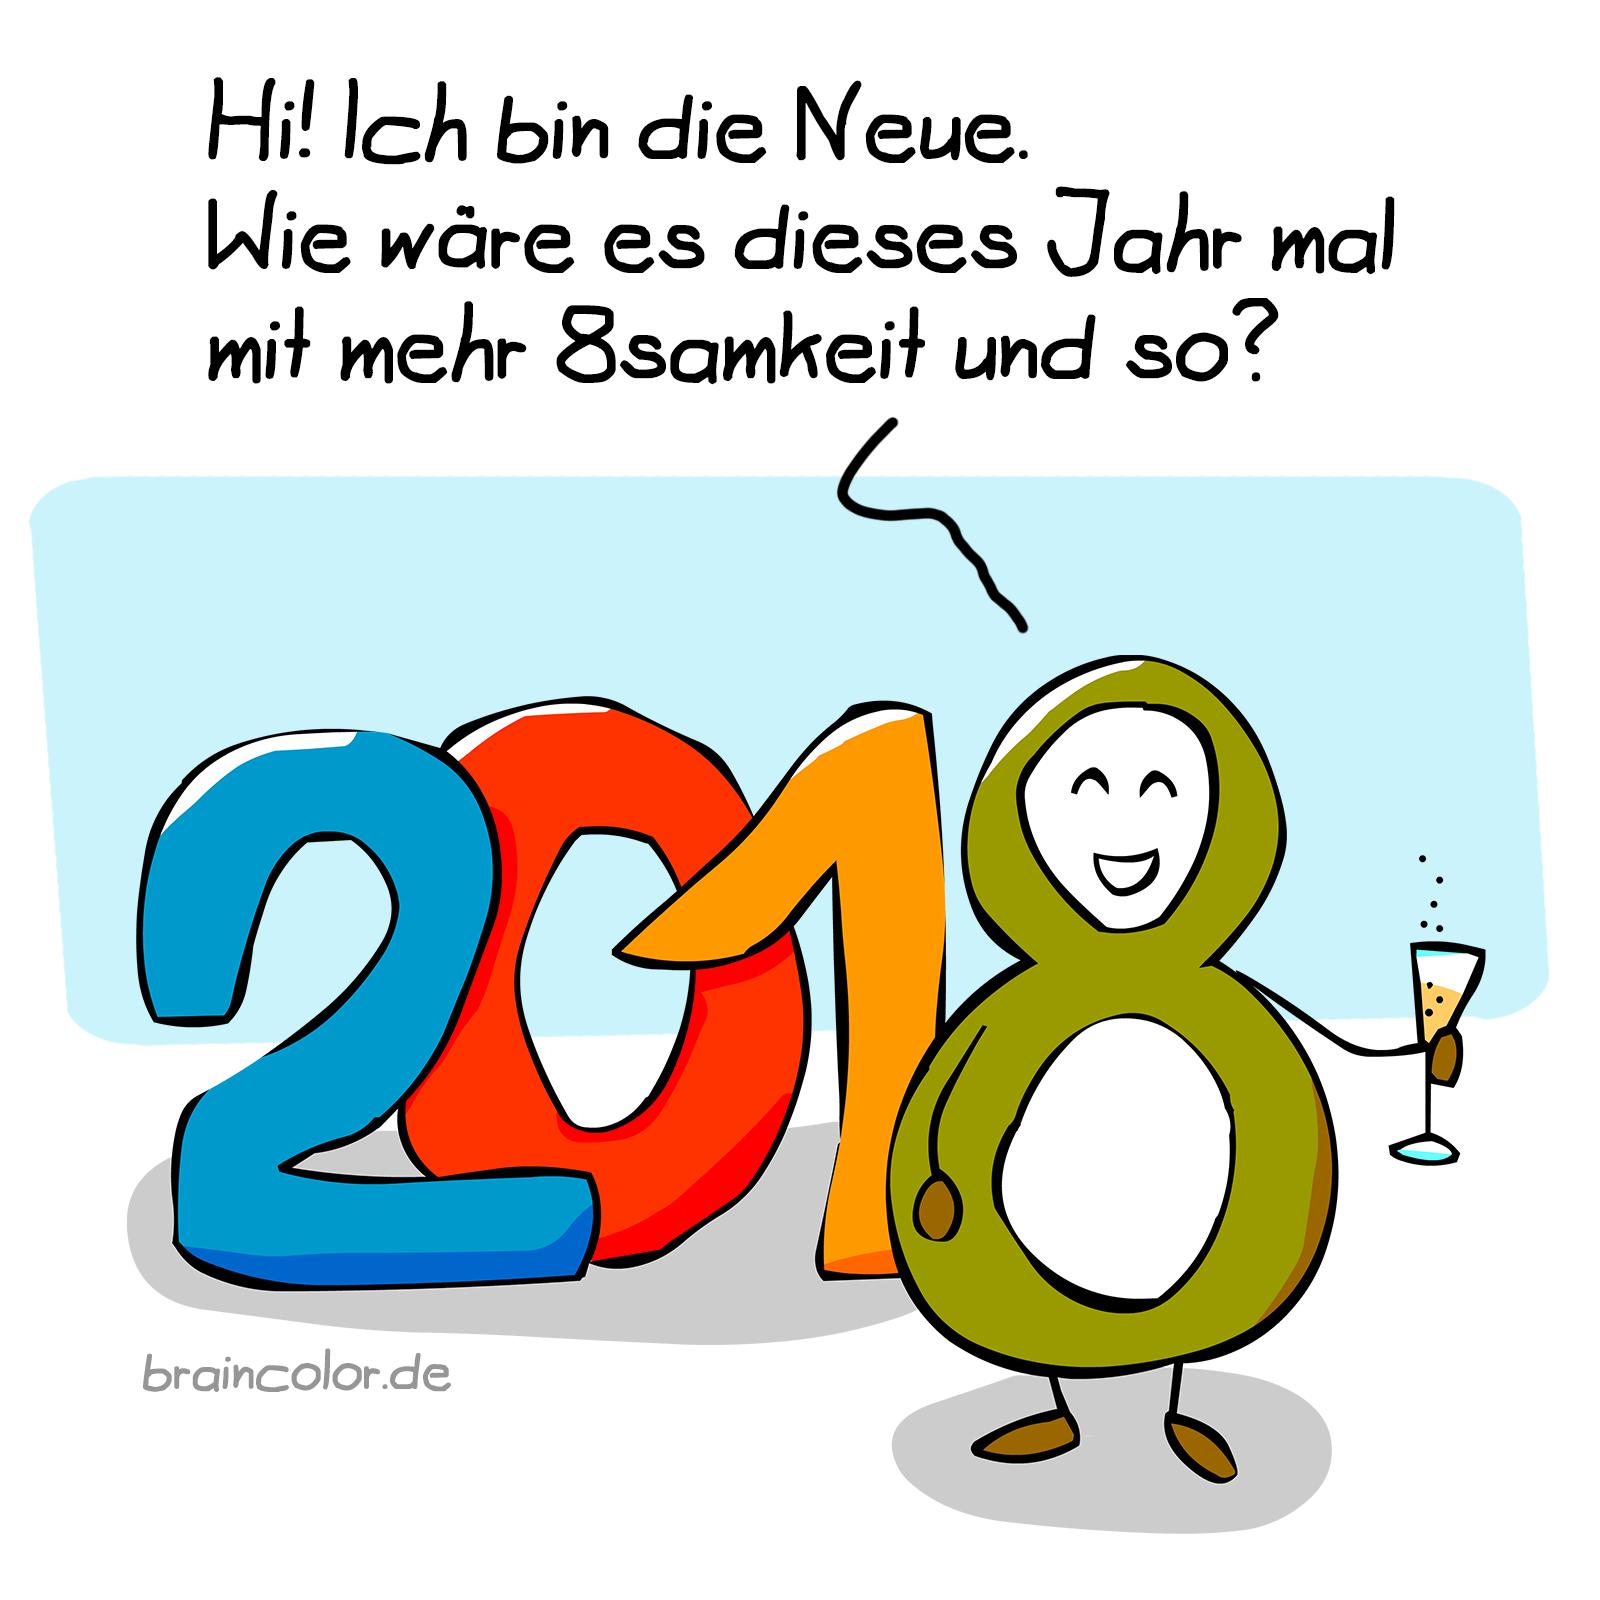 2018 - Frohes neues Jahr!